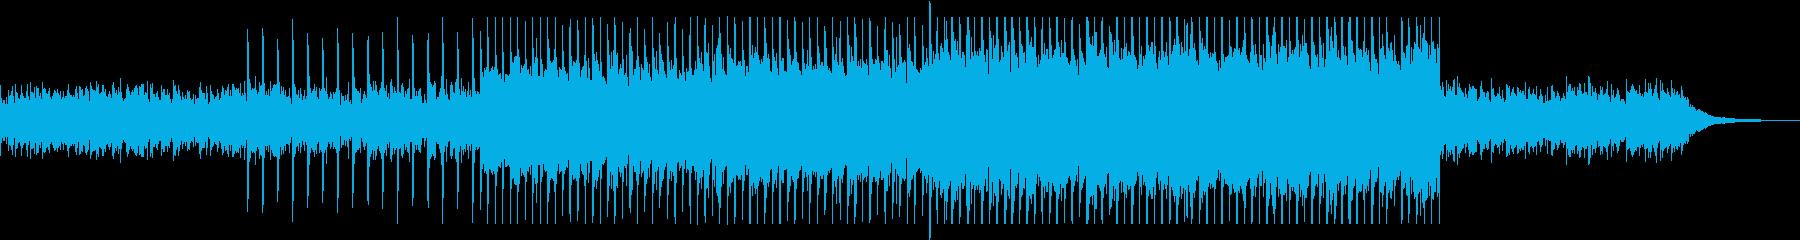 軽快で前向きになれるポップミュージックの再生済みの波形